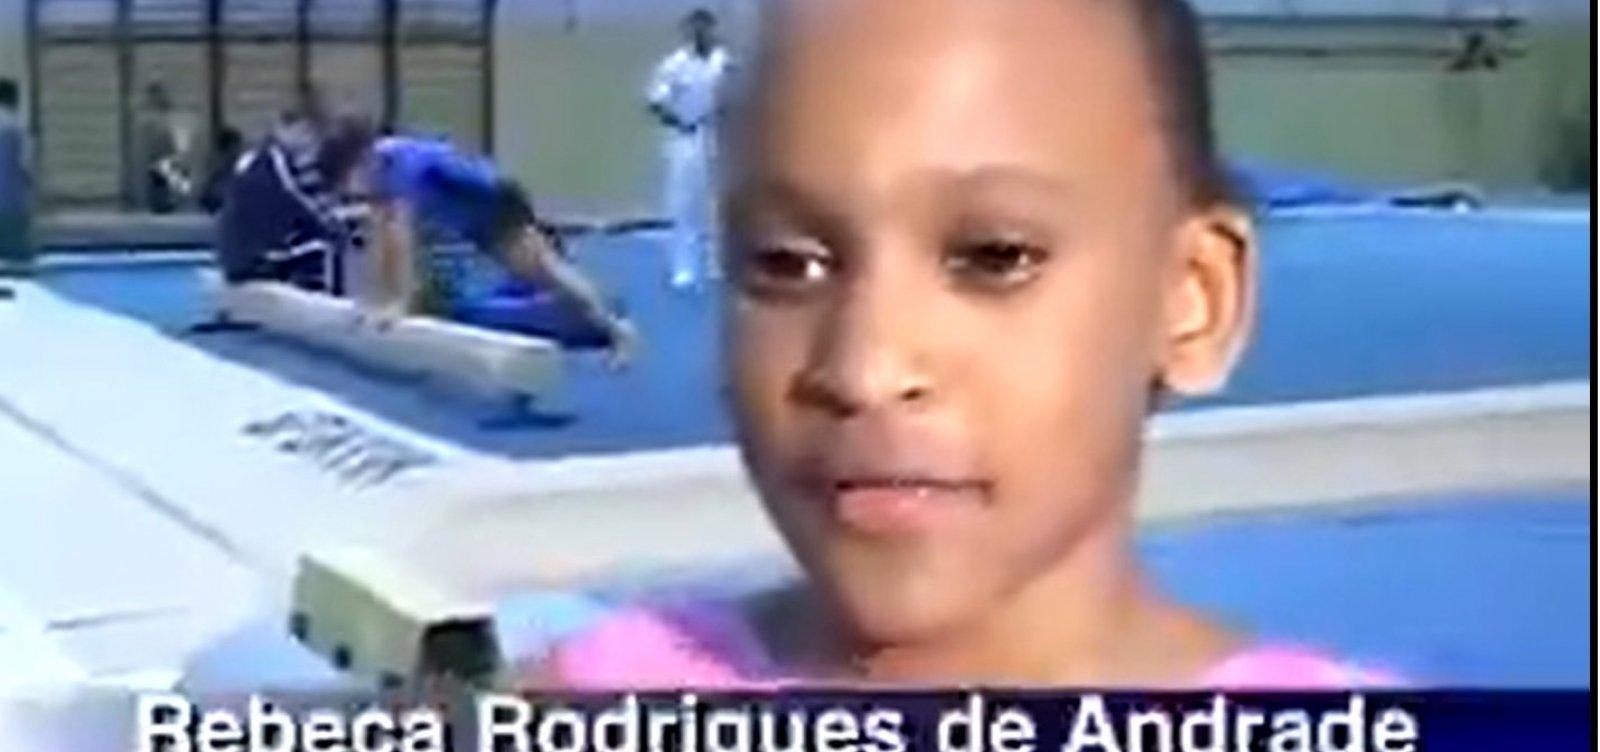 Reportagem de 2009 mostra Rebeca Andrade criança e fã de Daiane dos Santos